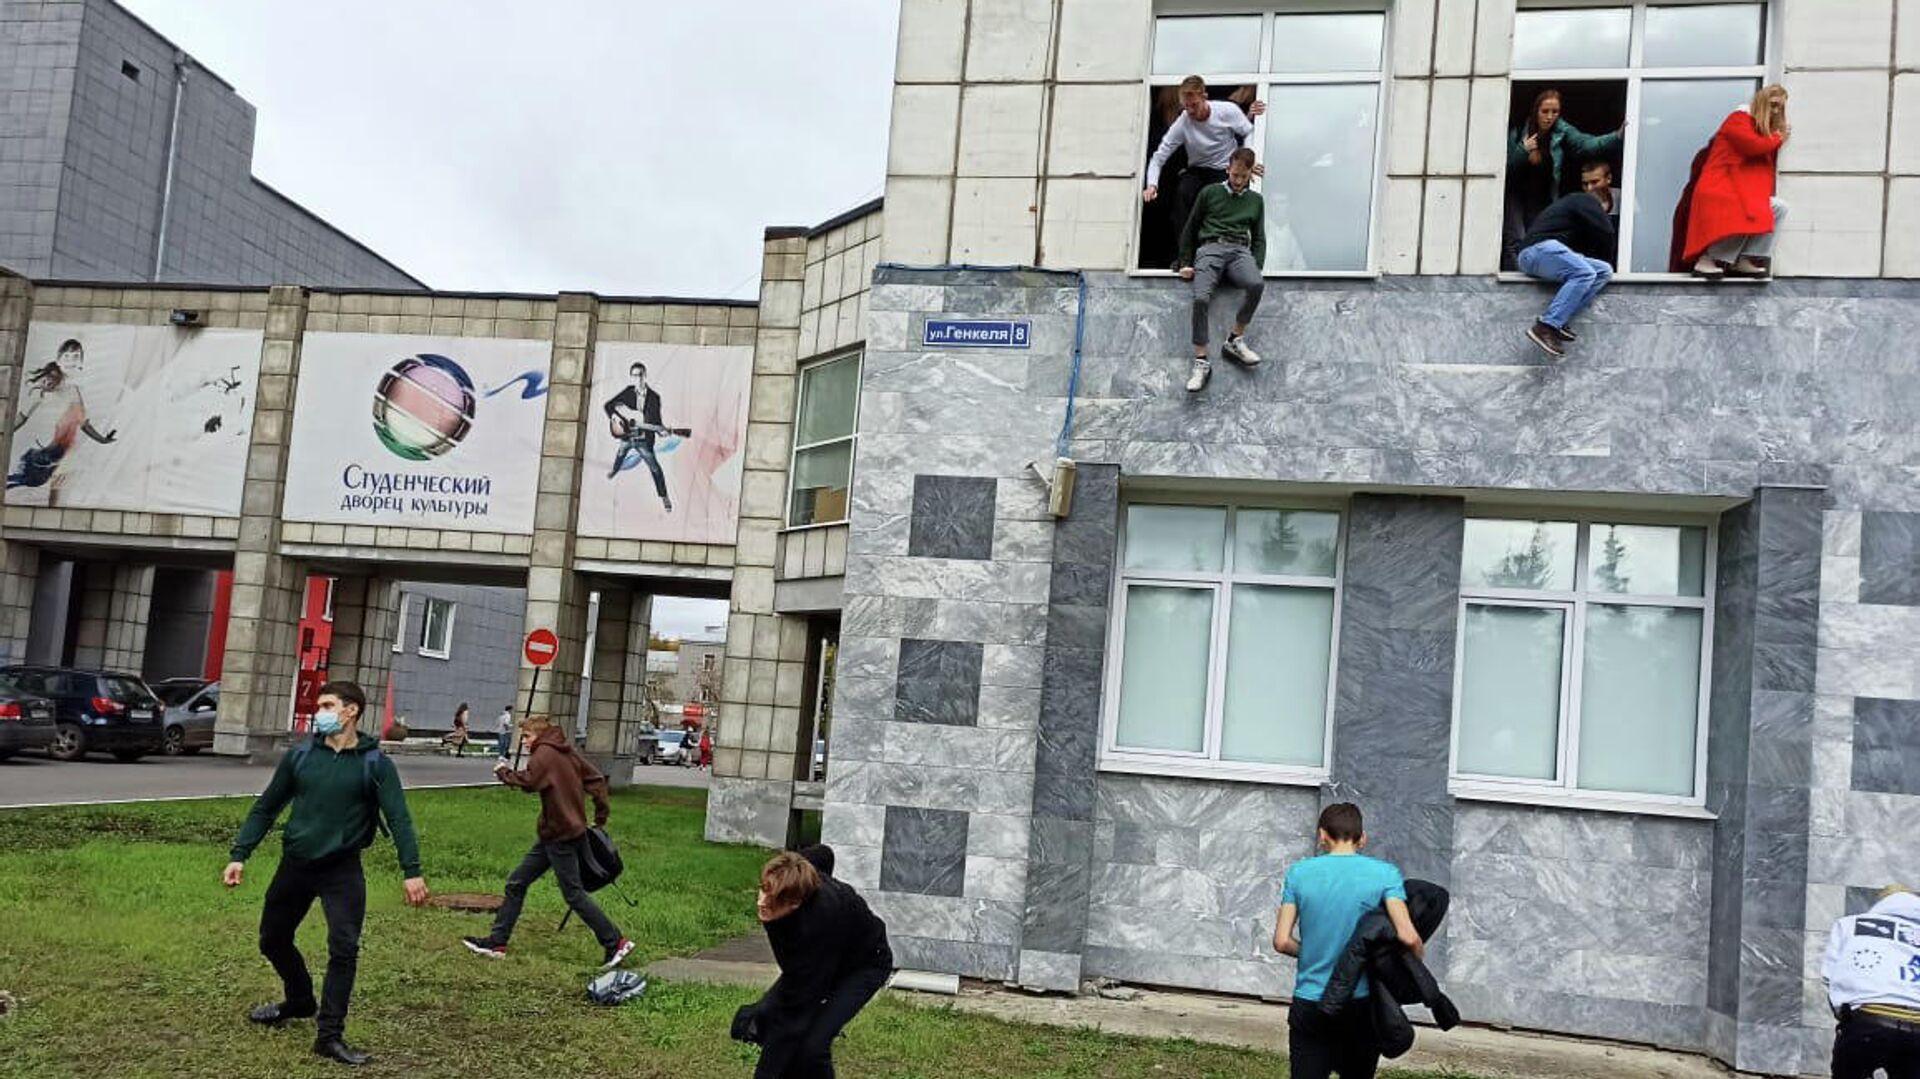 Студенты выпрыгивают из окон Пермского государственного национального исследовательского университета, в котором неизвестный открыл стрельбу - РИА Новости, 1920, 20.09.2021